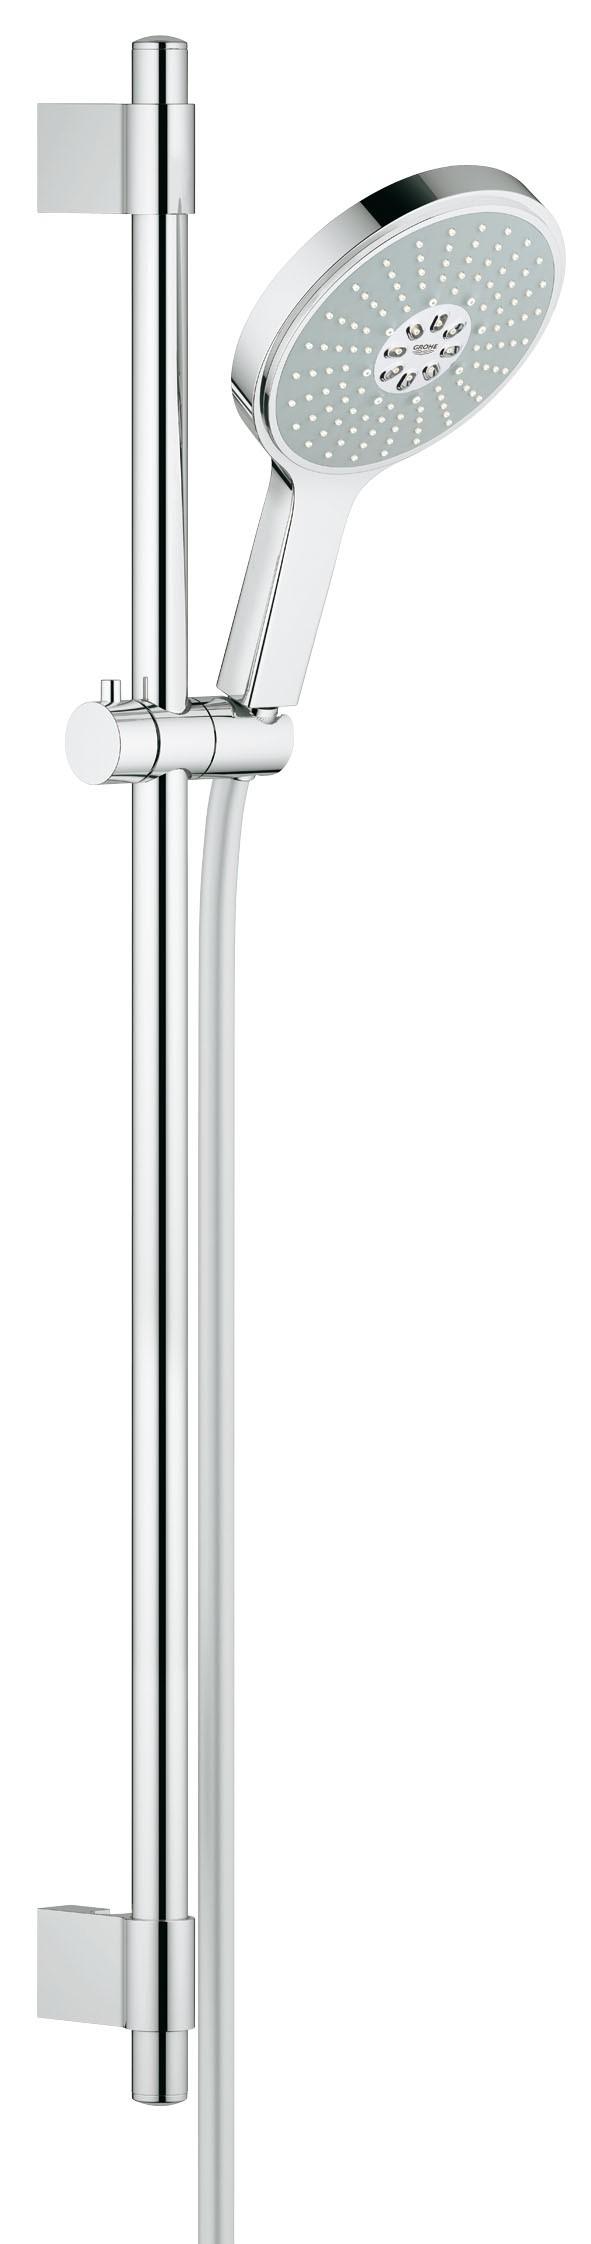 Grohe 27746000 Power&Soul Cosmopolitan 160 (ручной душ, штанга 900 мм, шланг 1750 мм) с ограничением расхода воды, хром